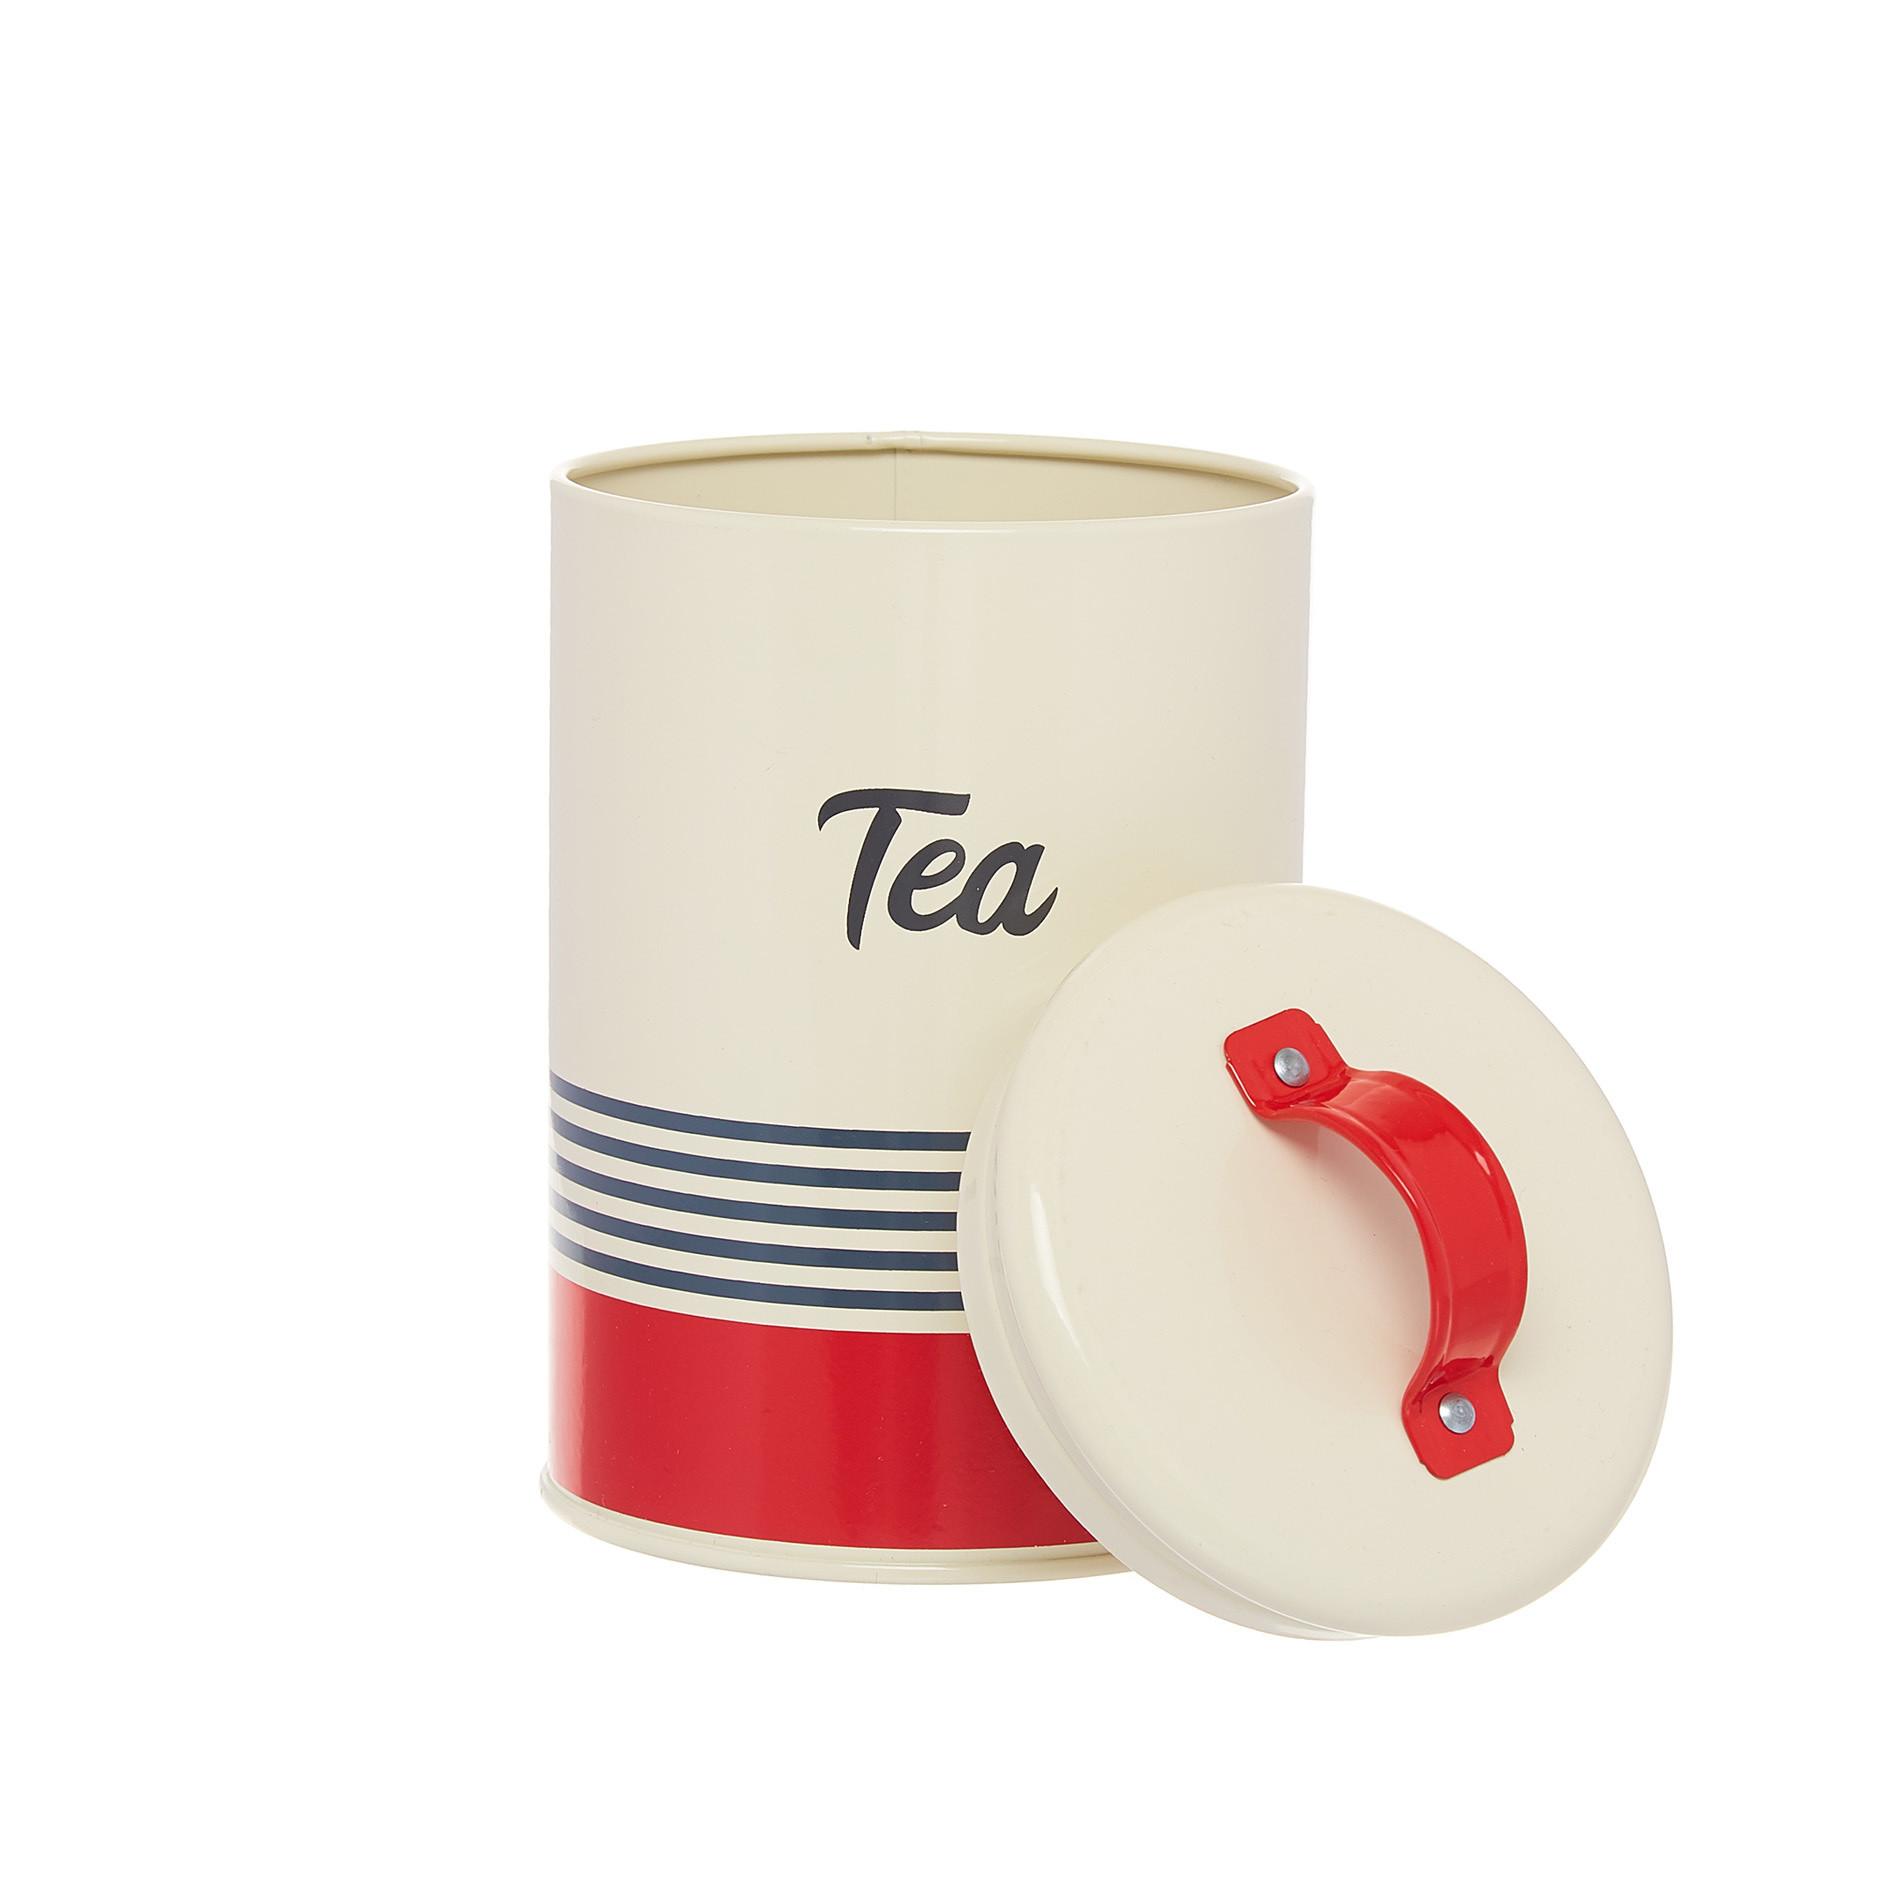 Barattolo ferro smaltato Tea, Bianco/Rosso, large image number 1